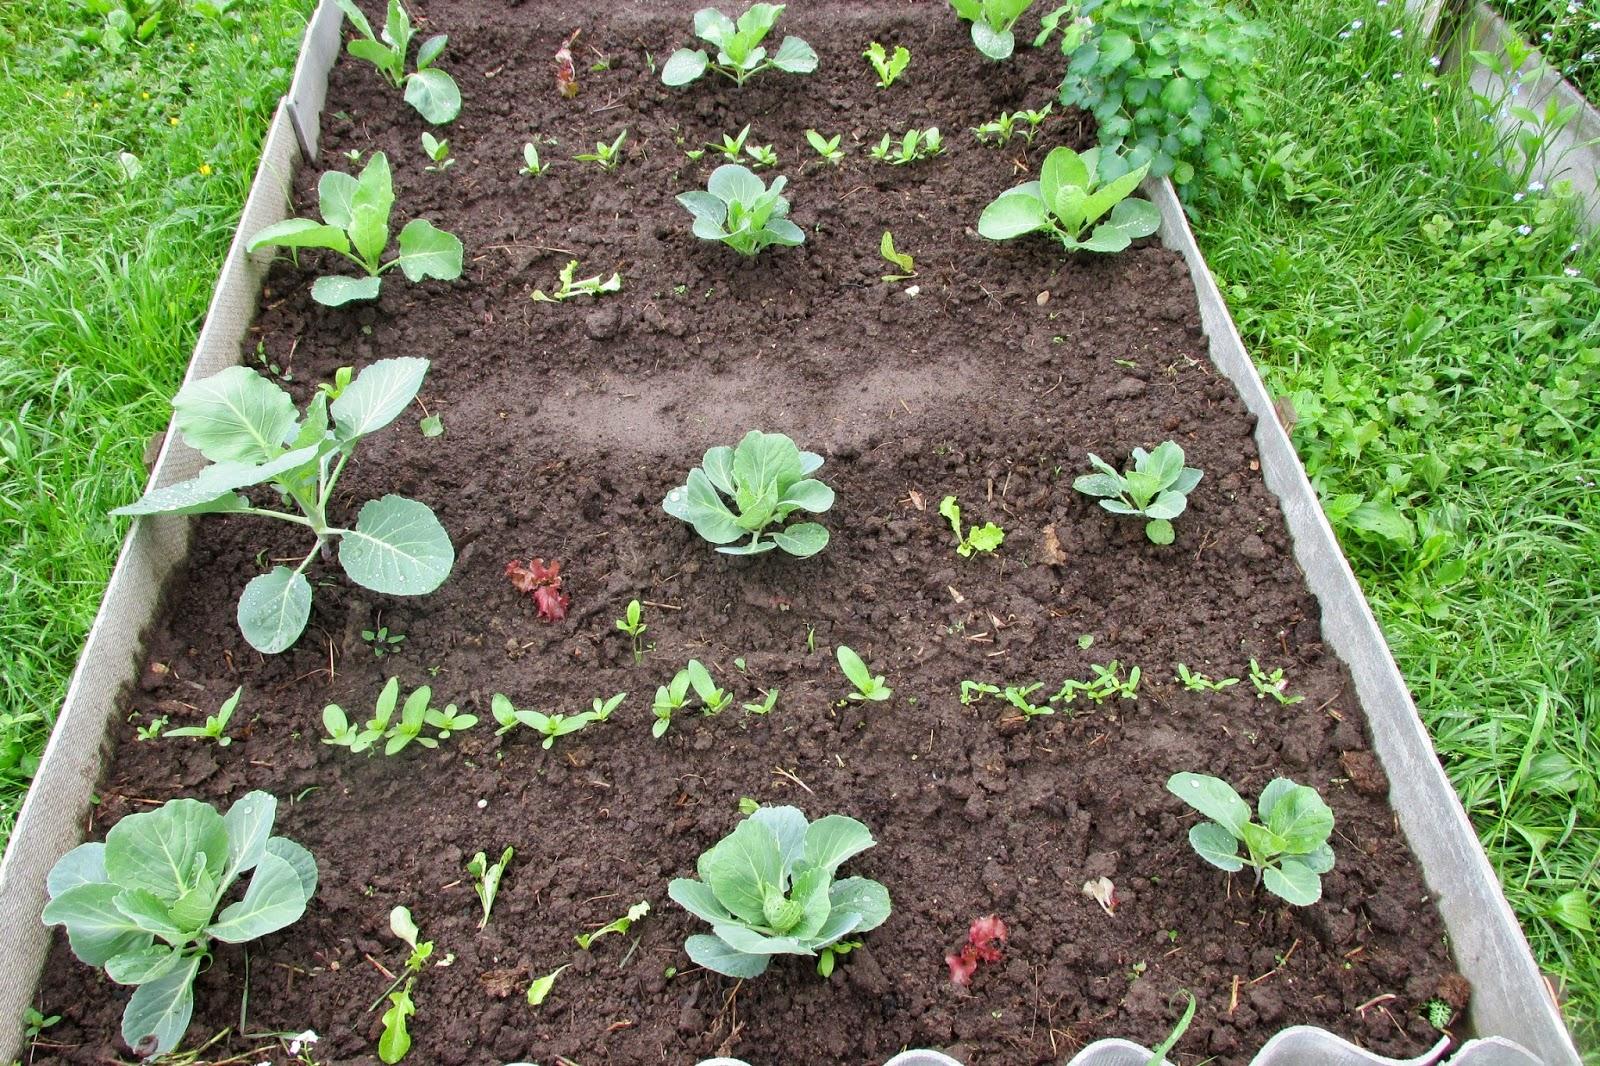 Полезные советы, чтобы вырастить цветную капусту в условиях открытого грунта. Правила выращивания цветной капусты в открытом грунте и в теплице Цветная капуста как выращивать в грунте